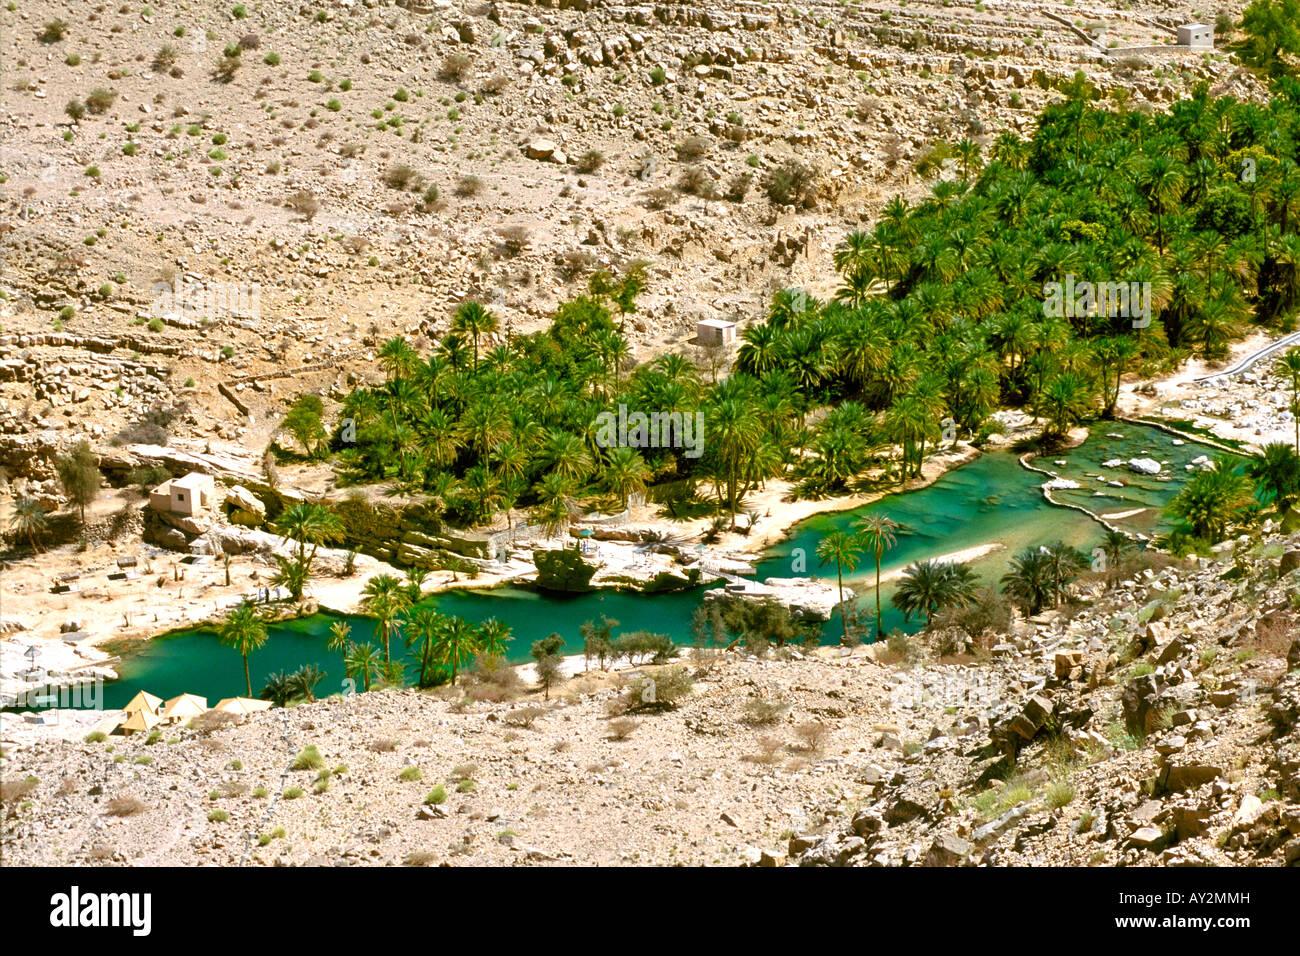 Las palmeras datileras y piscinas de roca de Wadi Bani khalid en las montañas Hajar oriental de Omán. Imagen De Stock